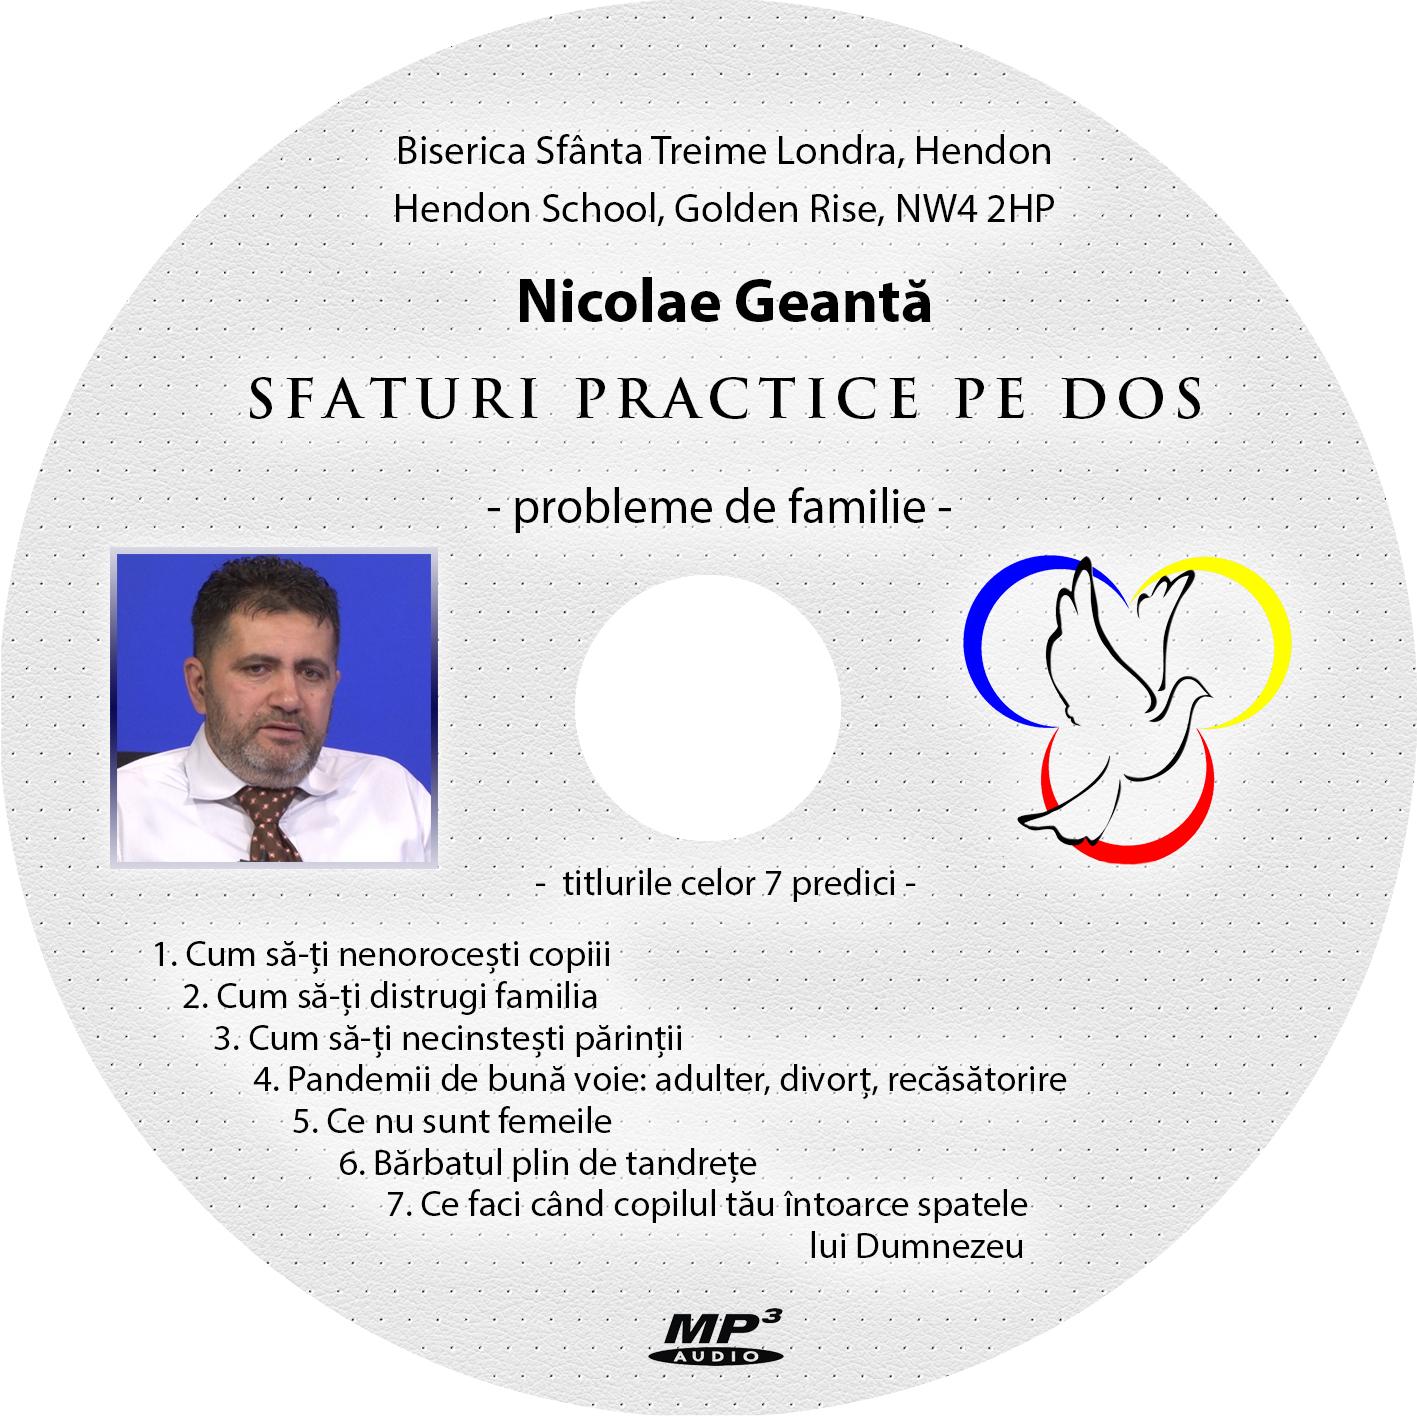 Nicolae Geantă - CD predici familie